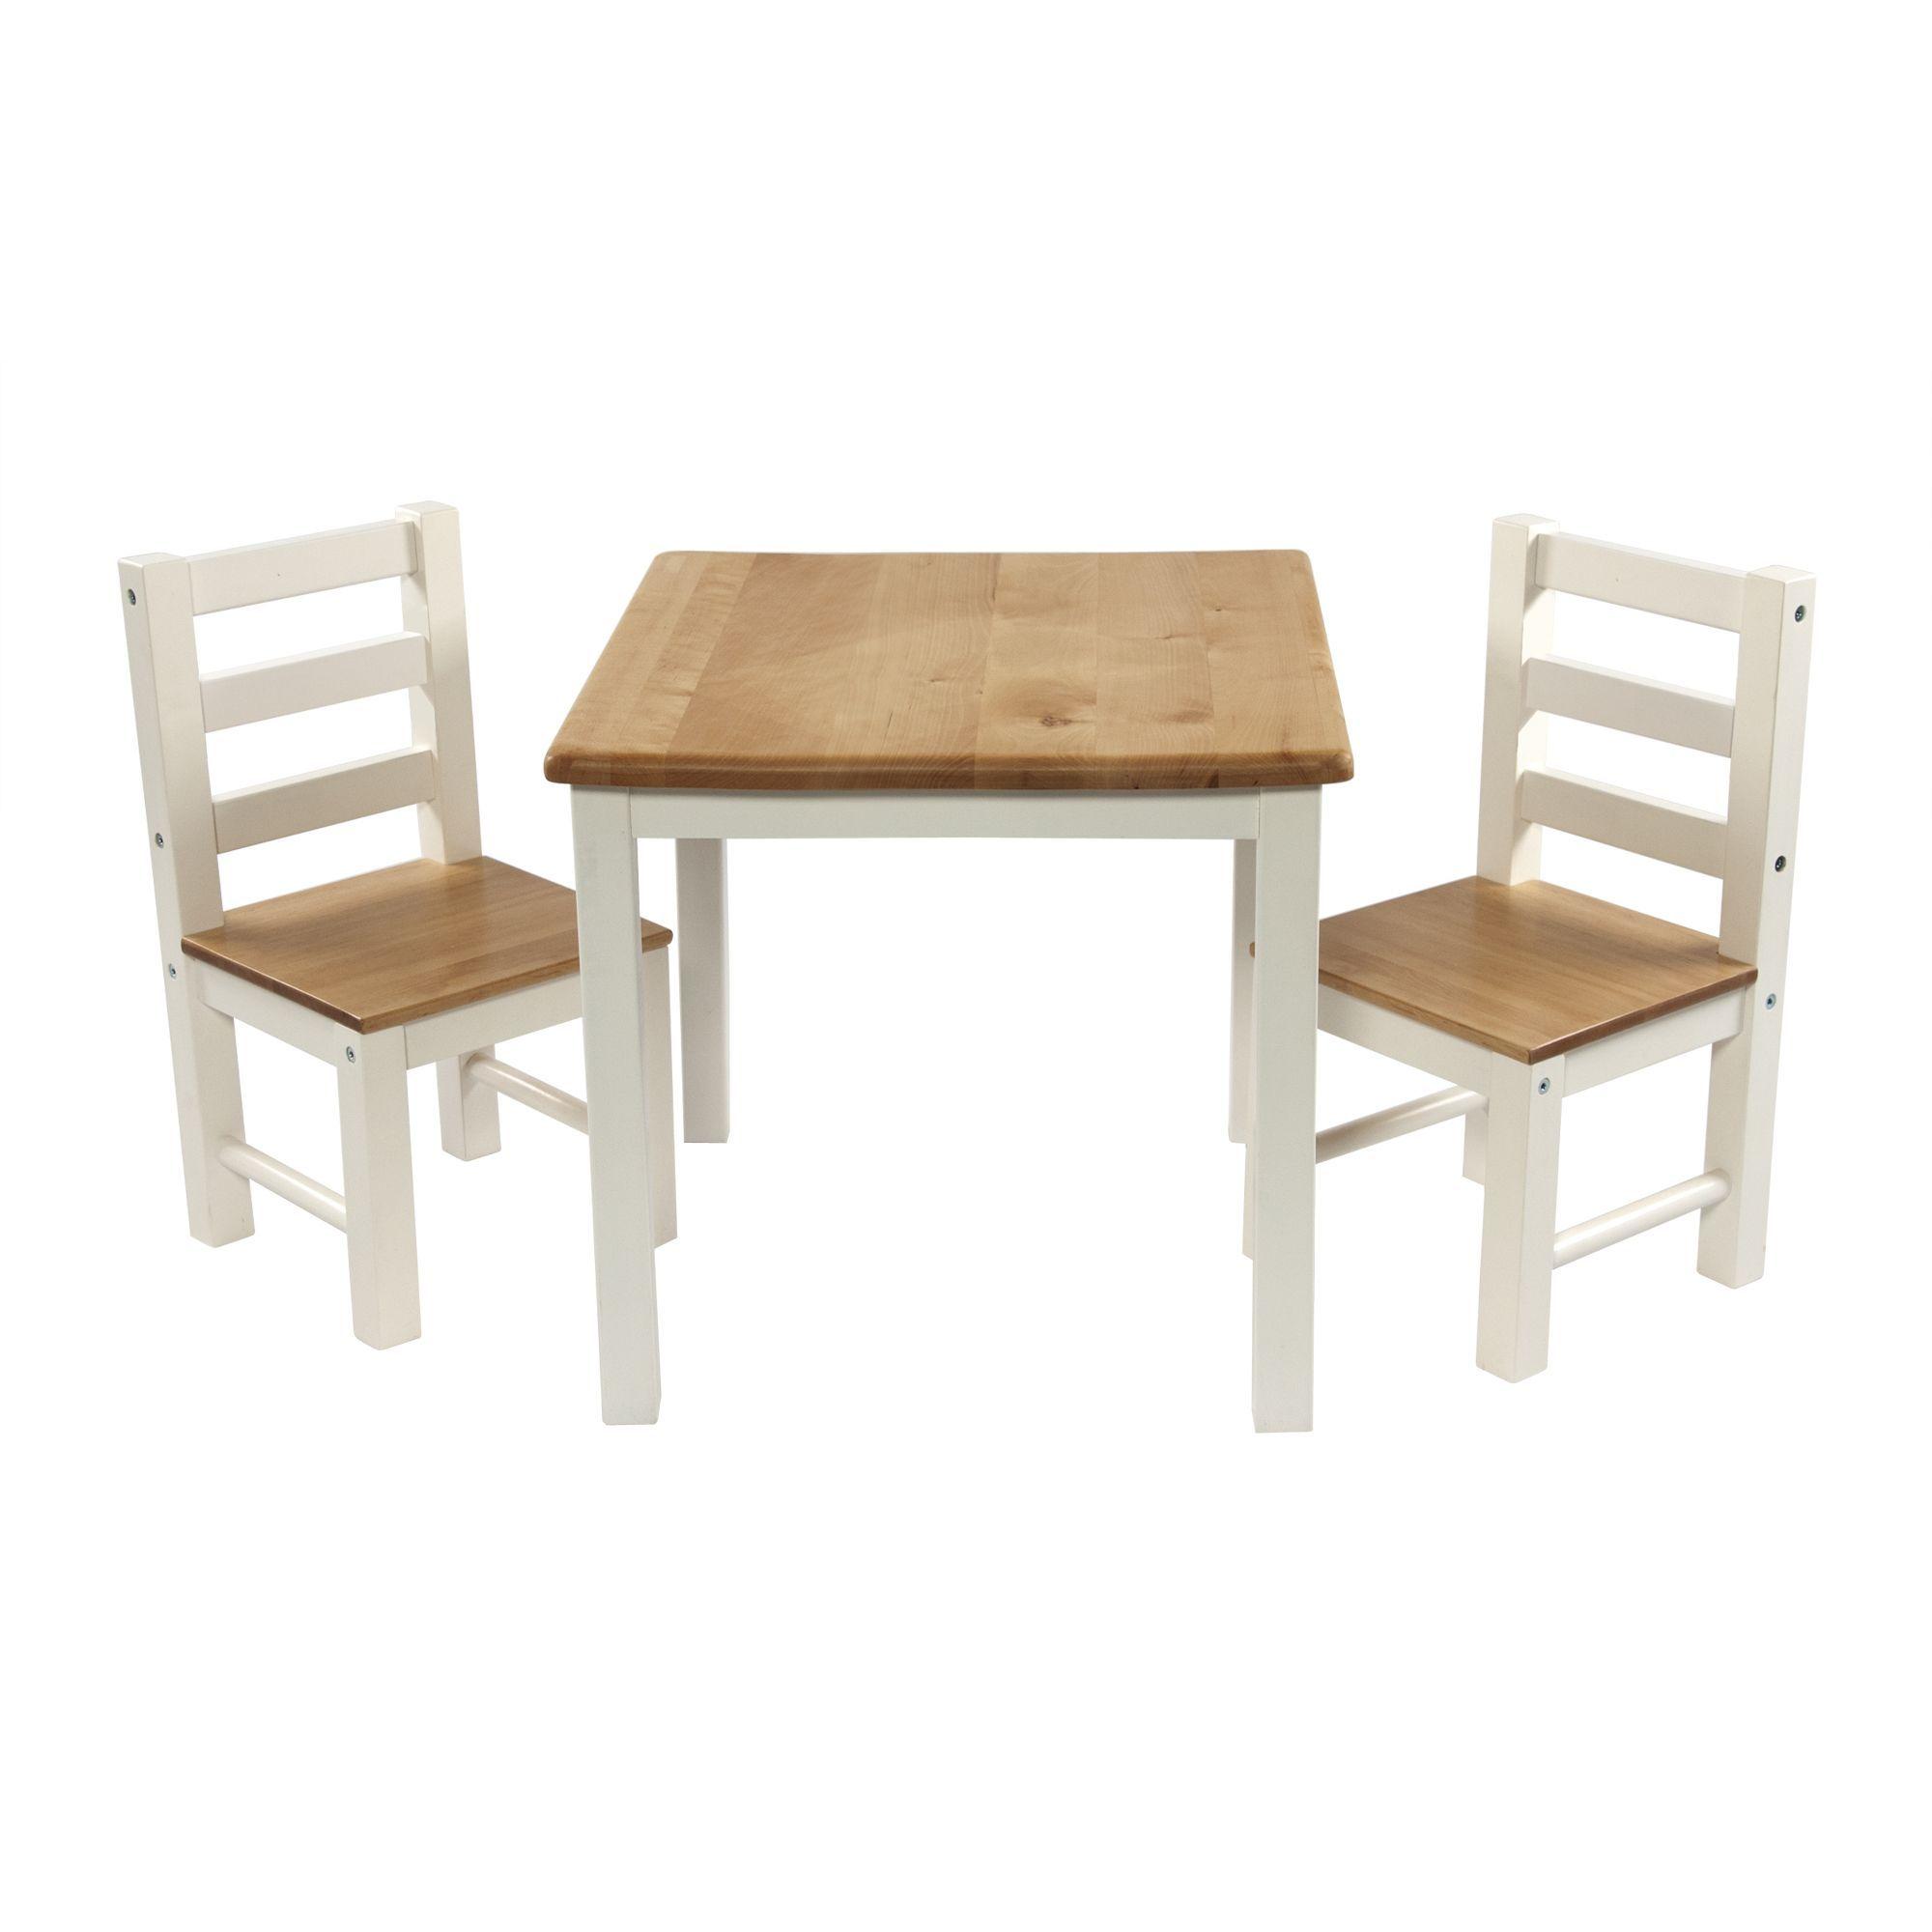 Ensemble Table Et Chaises Pour Enfant Naturel Nathalie Les Tables Pour Enfants Meubles Table Et Chaise Enfant Table Et Chaises Table Pour Enfants En Bois